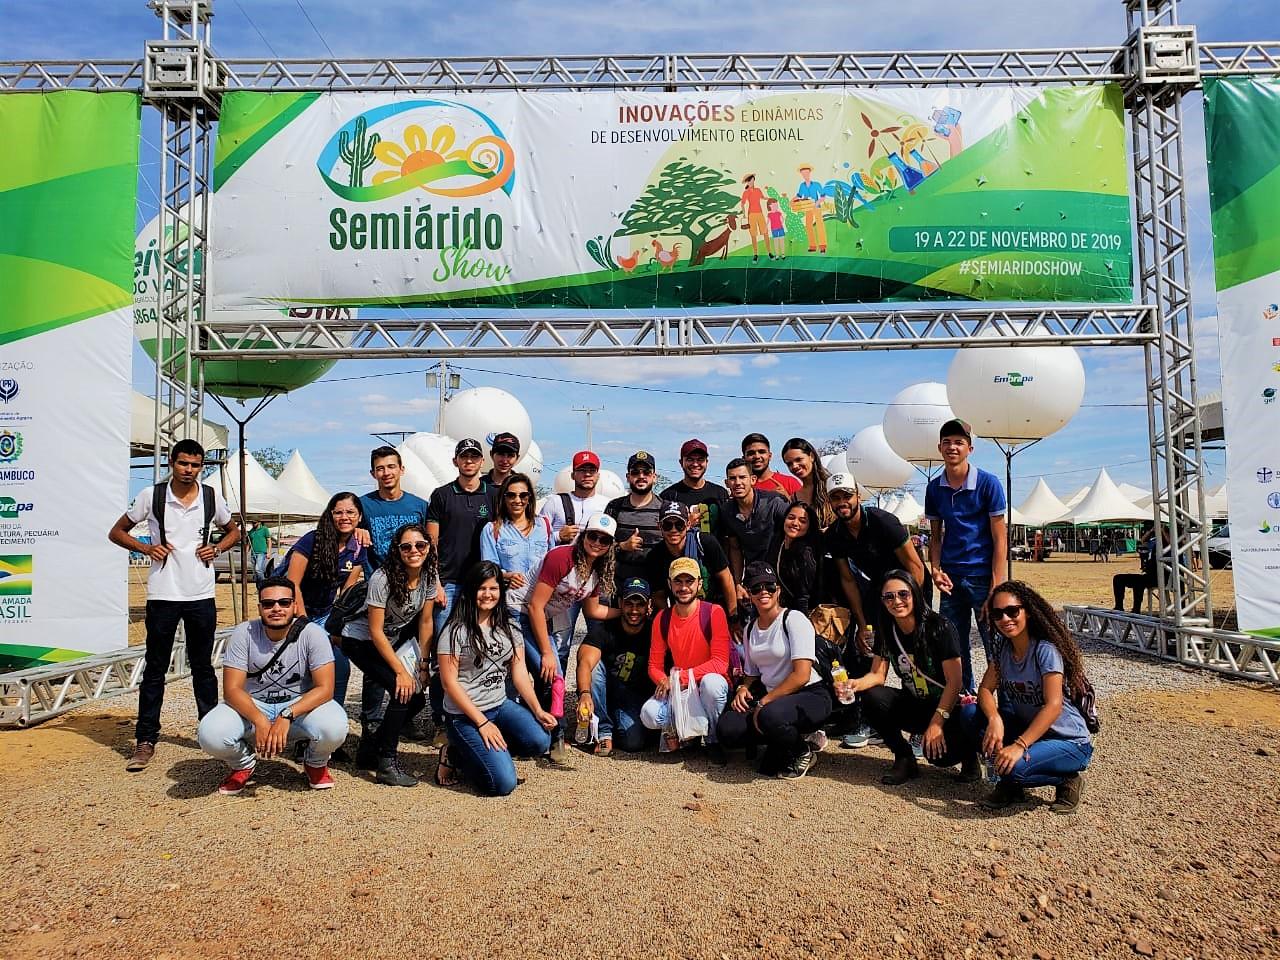 Cerca de 35 alunos do curso de Agronomia participaram da oitava edição do Semiárido Show em Petrolina